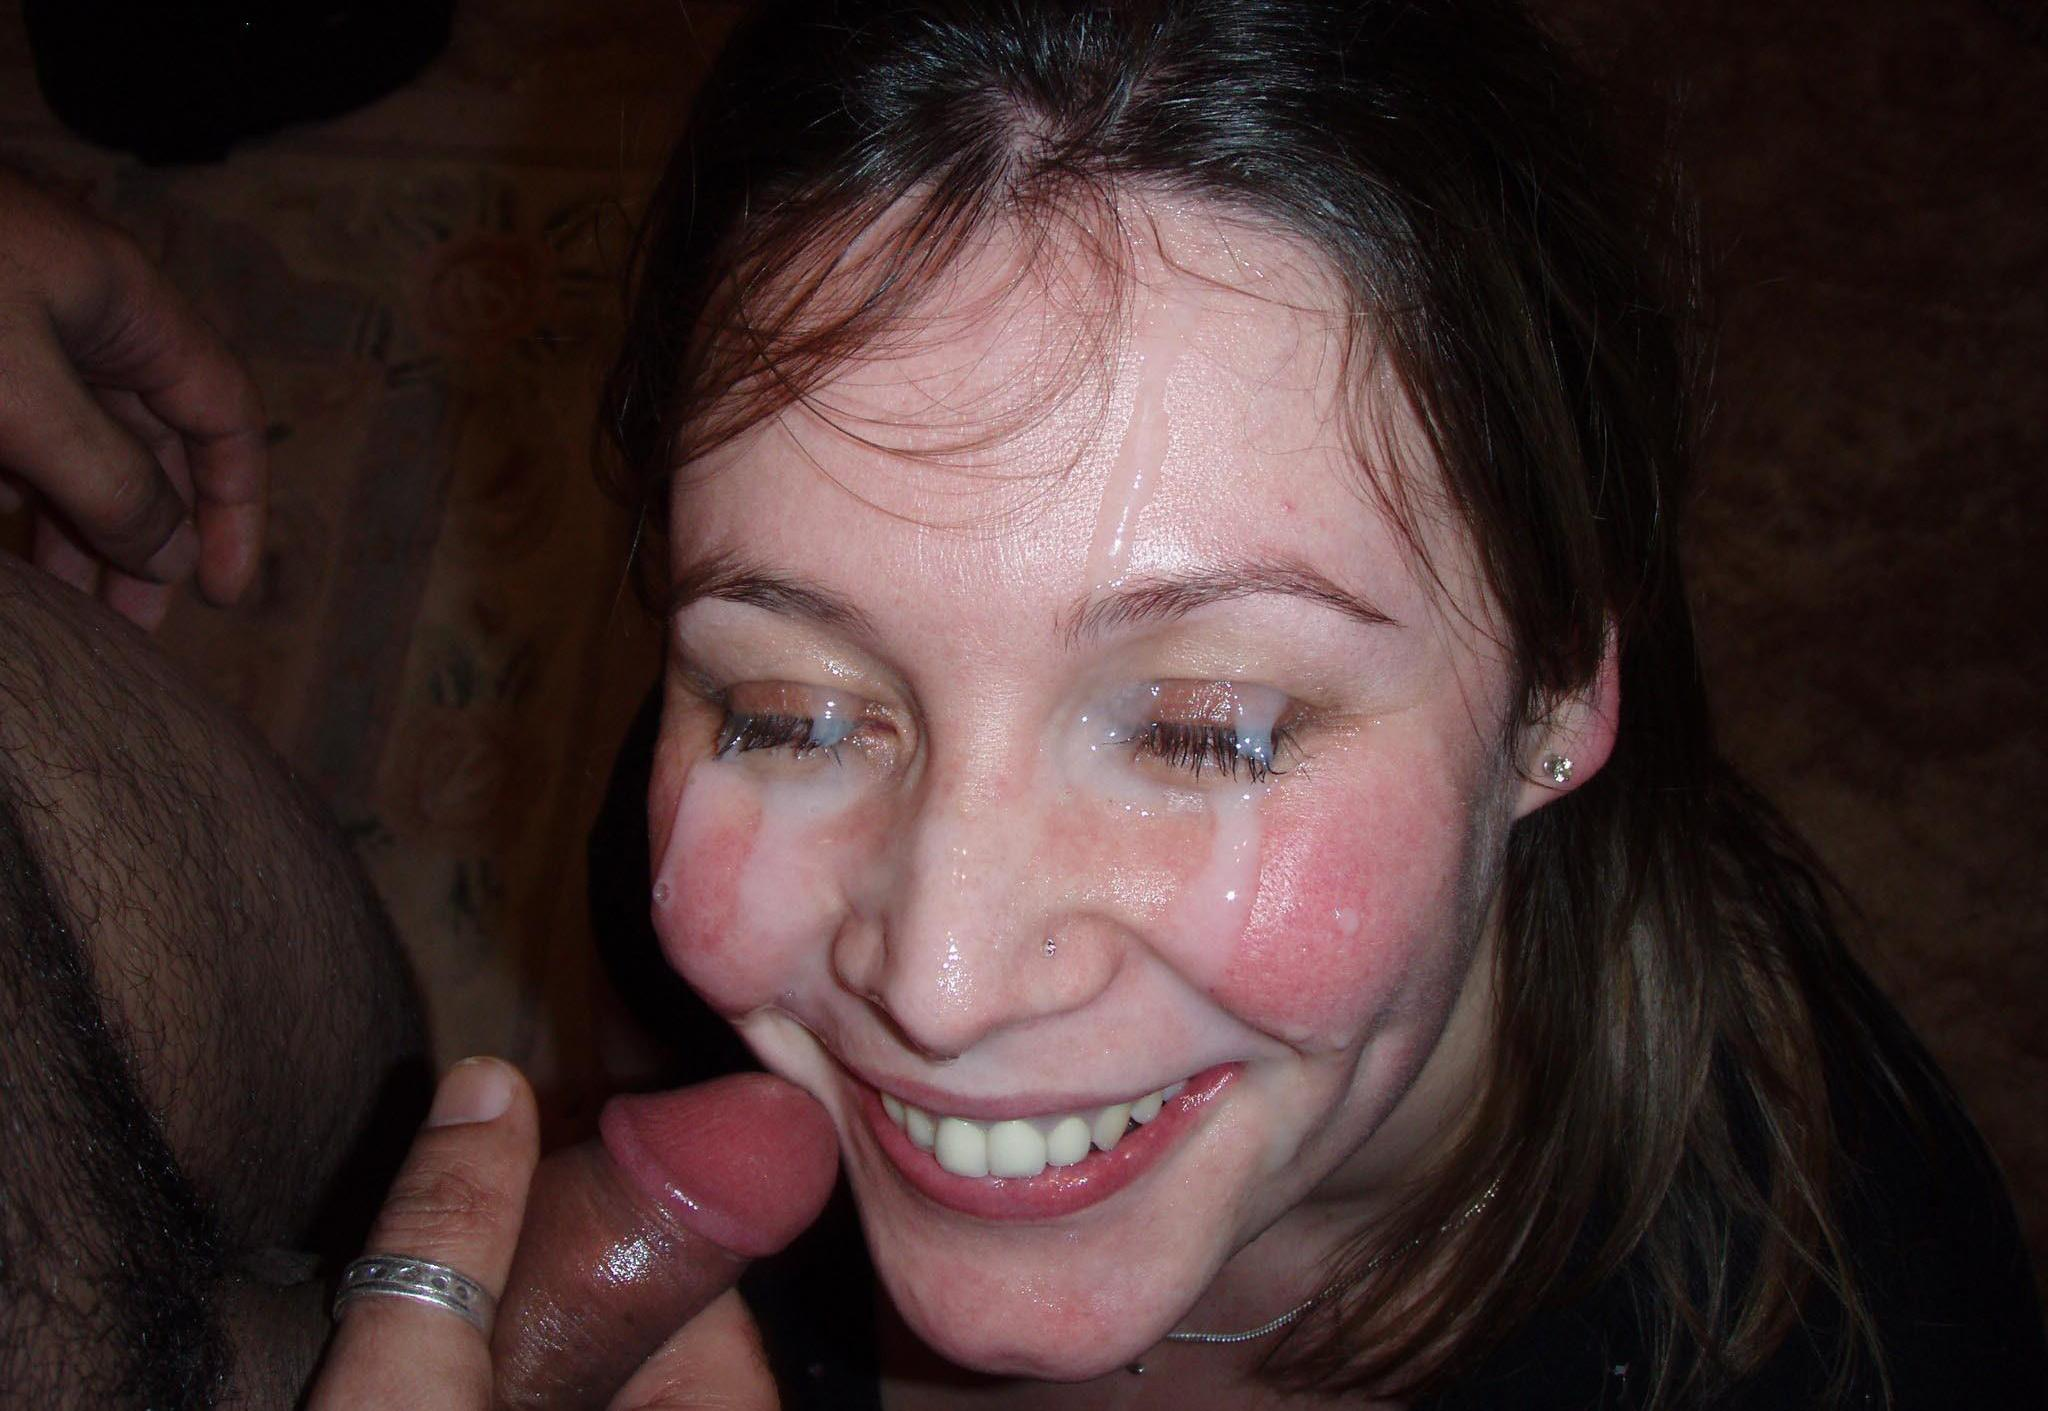 Смотреть только сперма на зрелом лице, Сперма На Лицах Зрелых (найденопорно видео.) 15 фотография